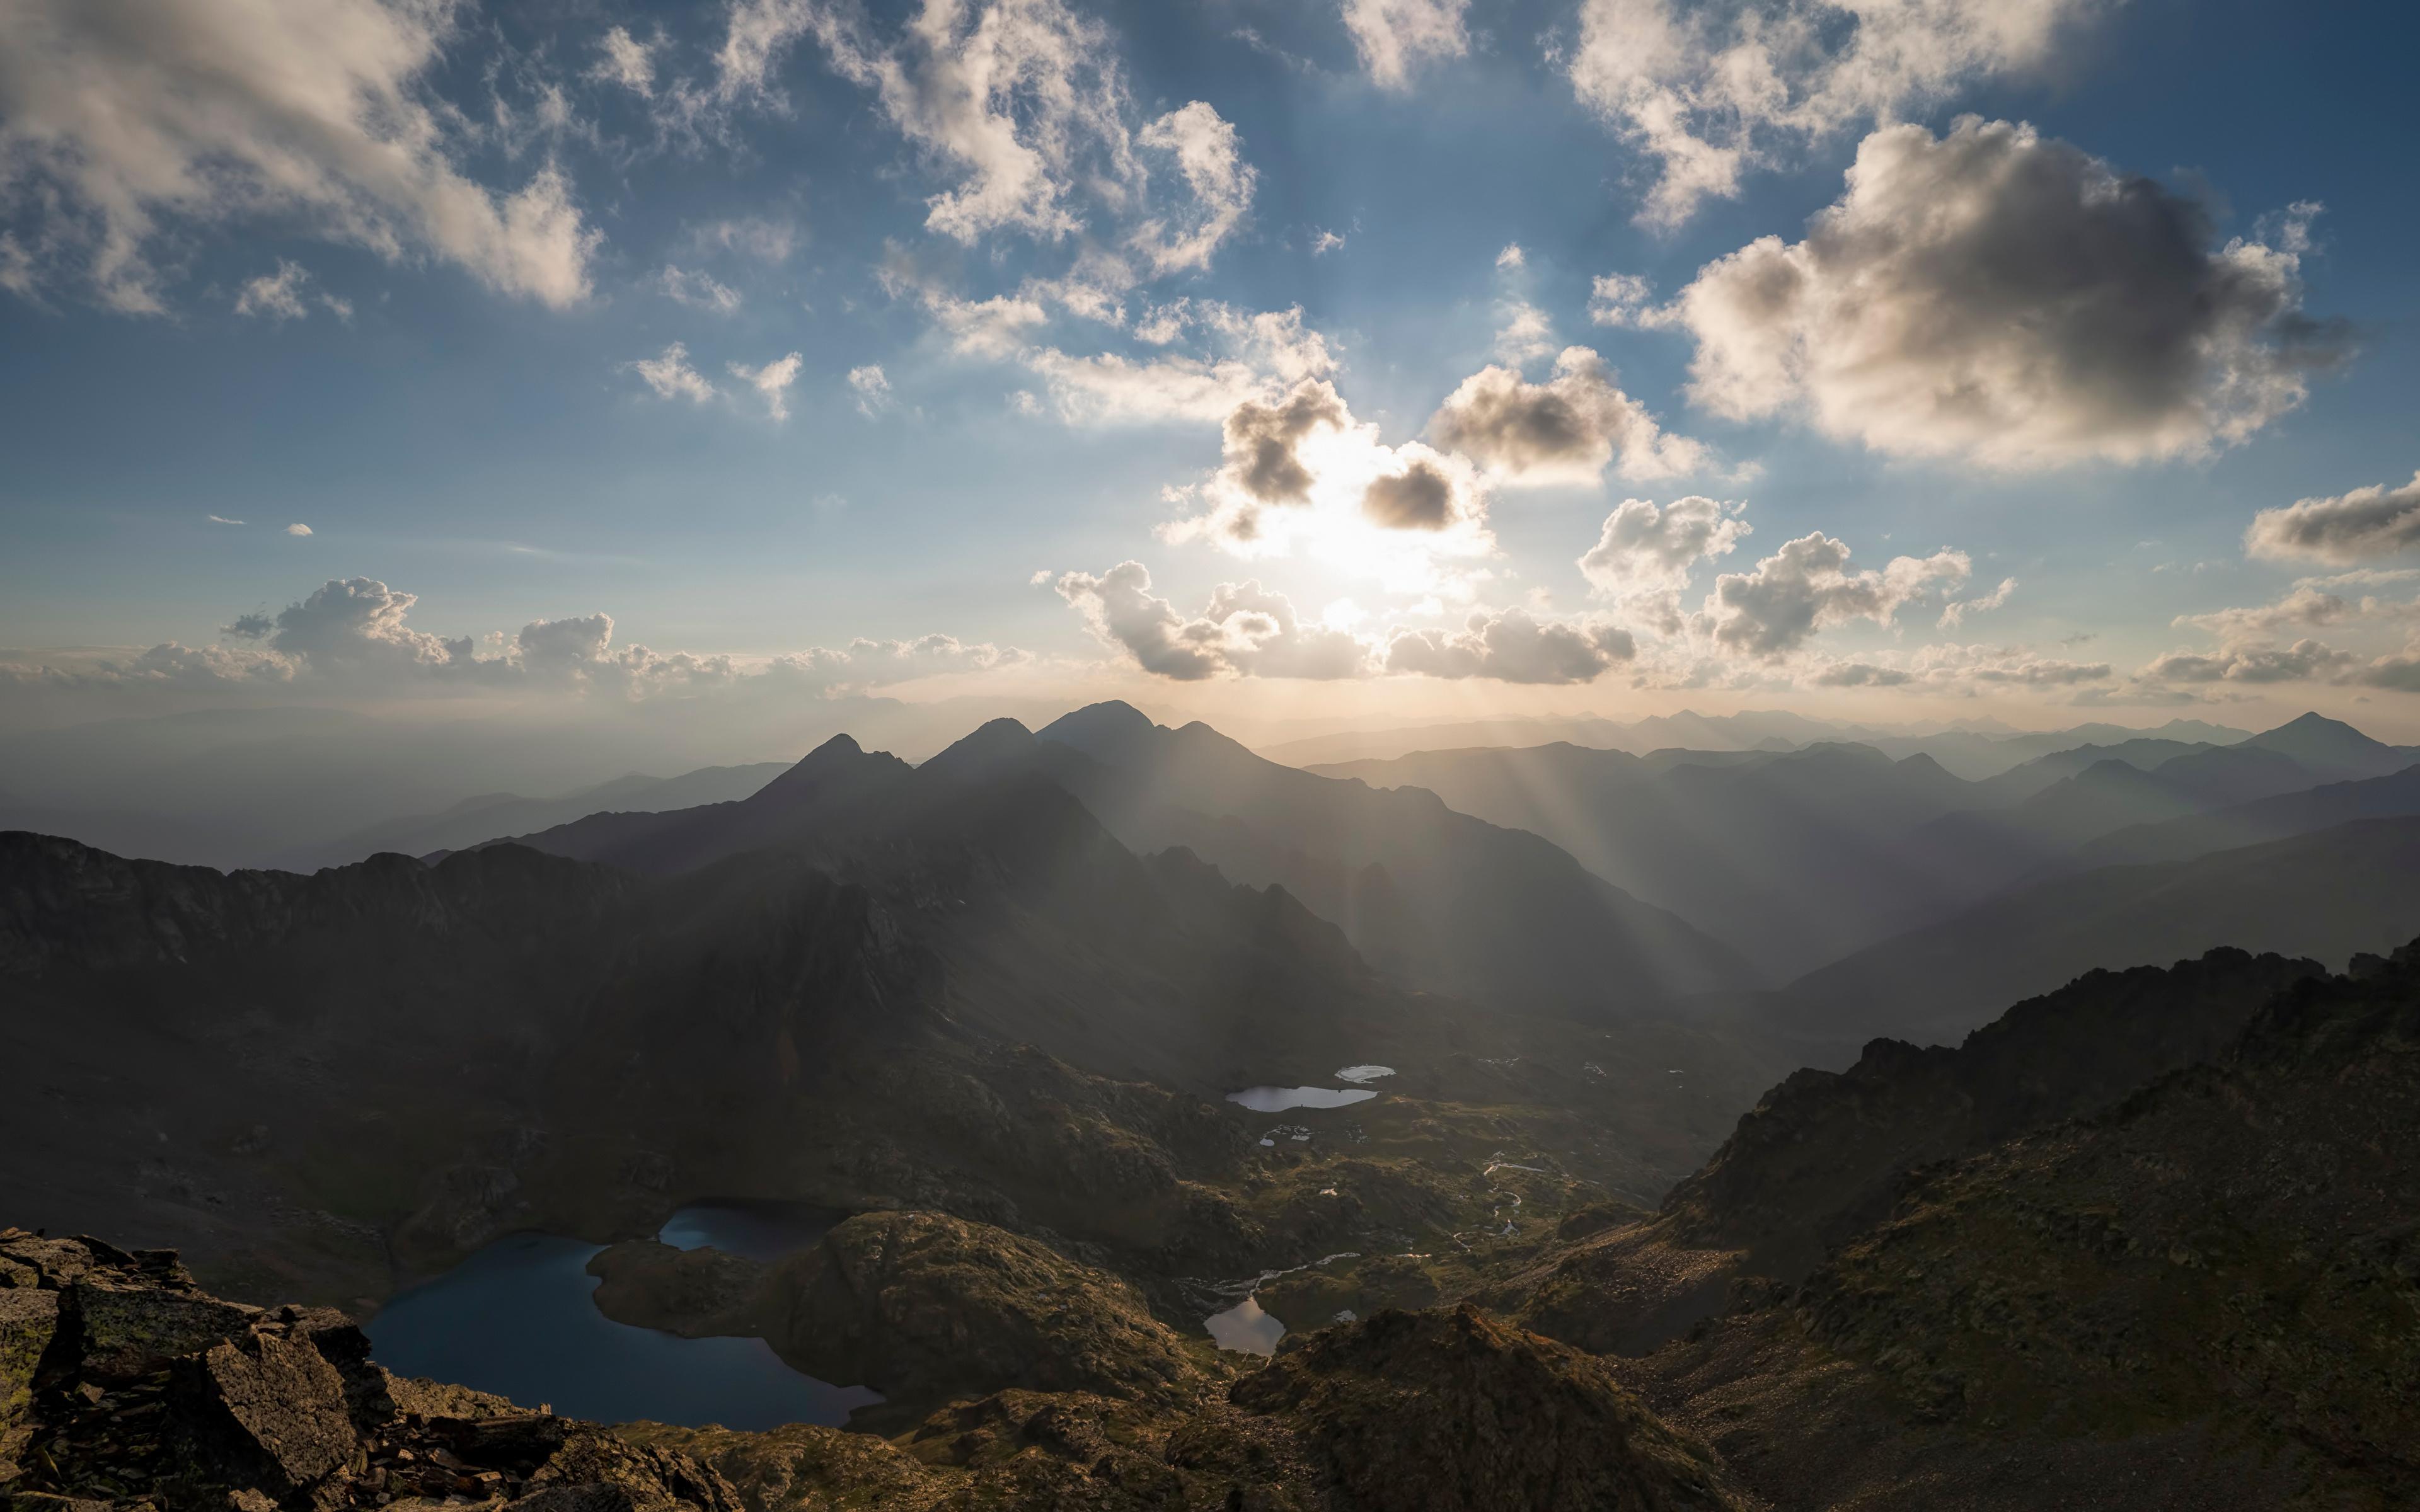 Картинки Лучи света Андорра Pyrenees гора Природа Небо Облака 3840x2400 Горы облако облачно